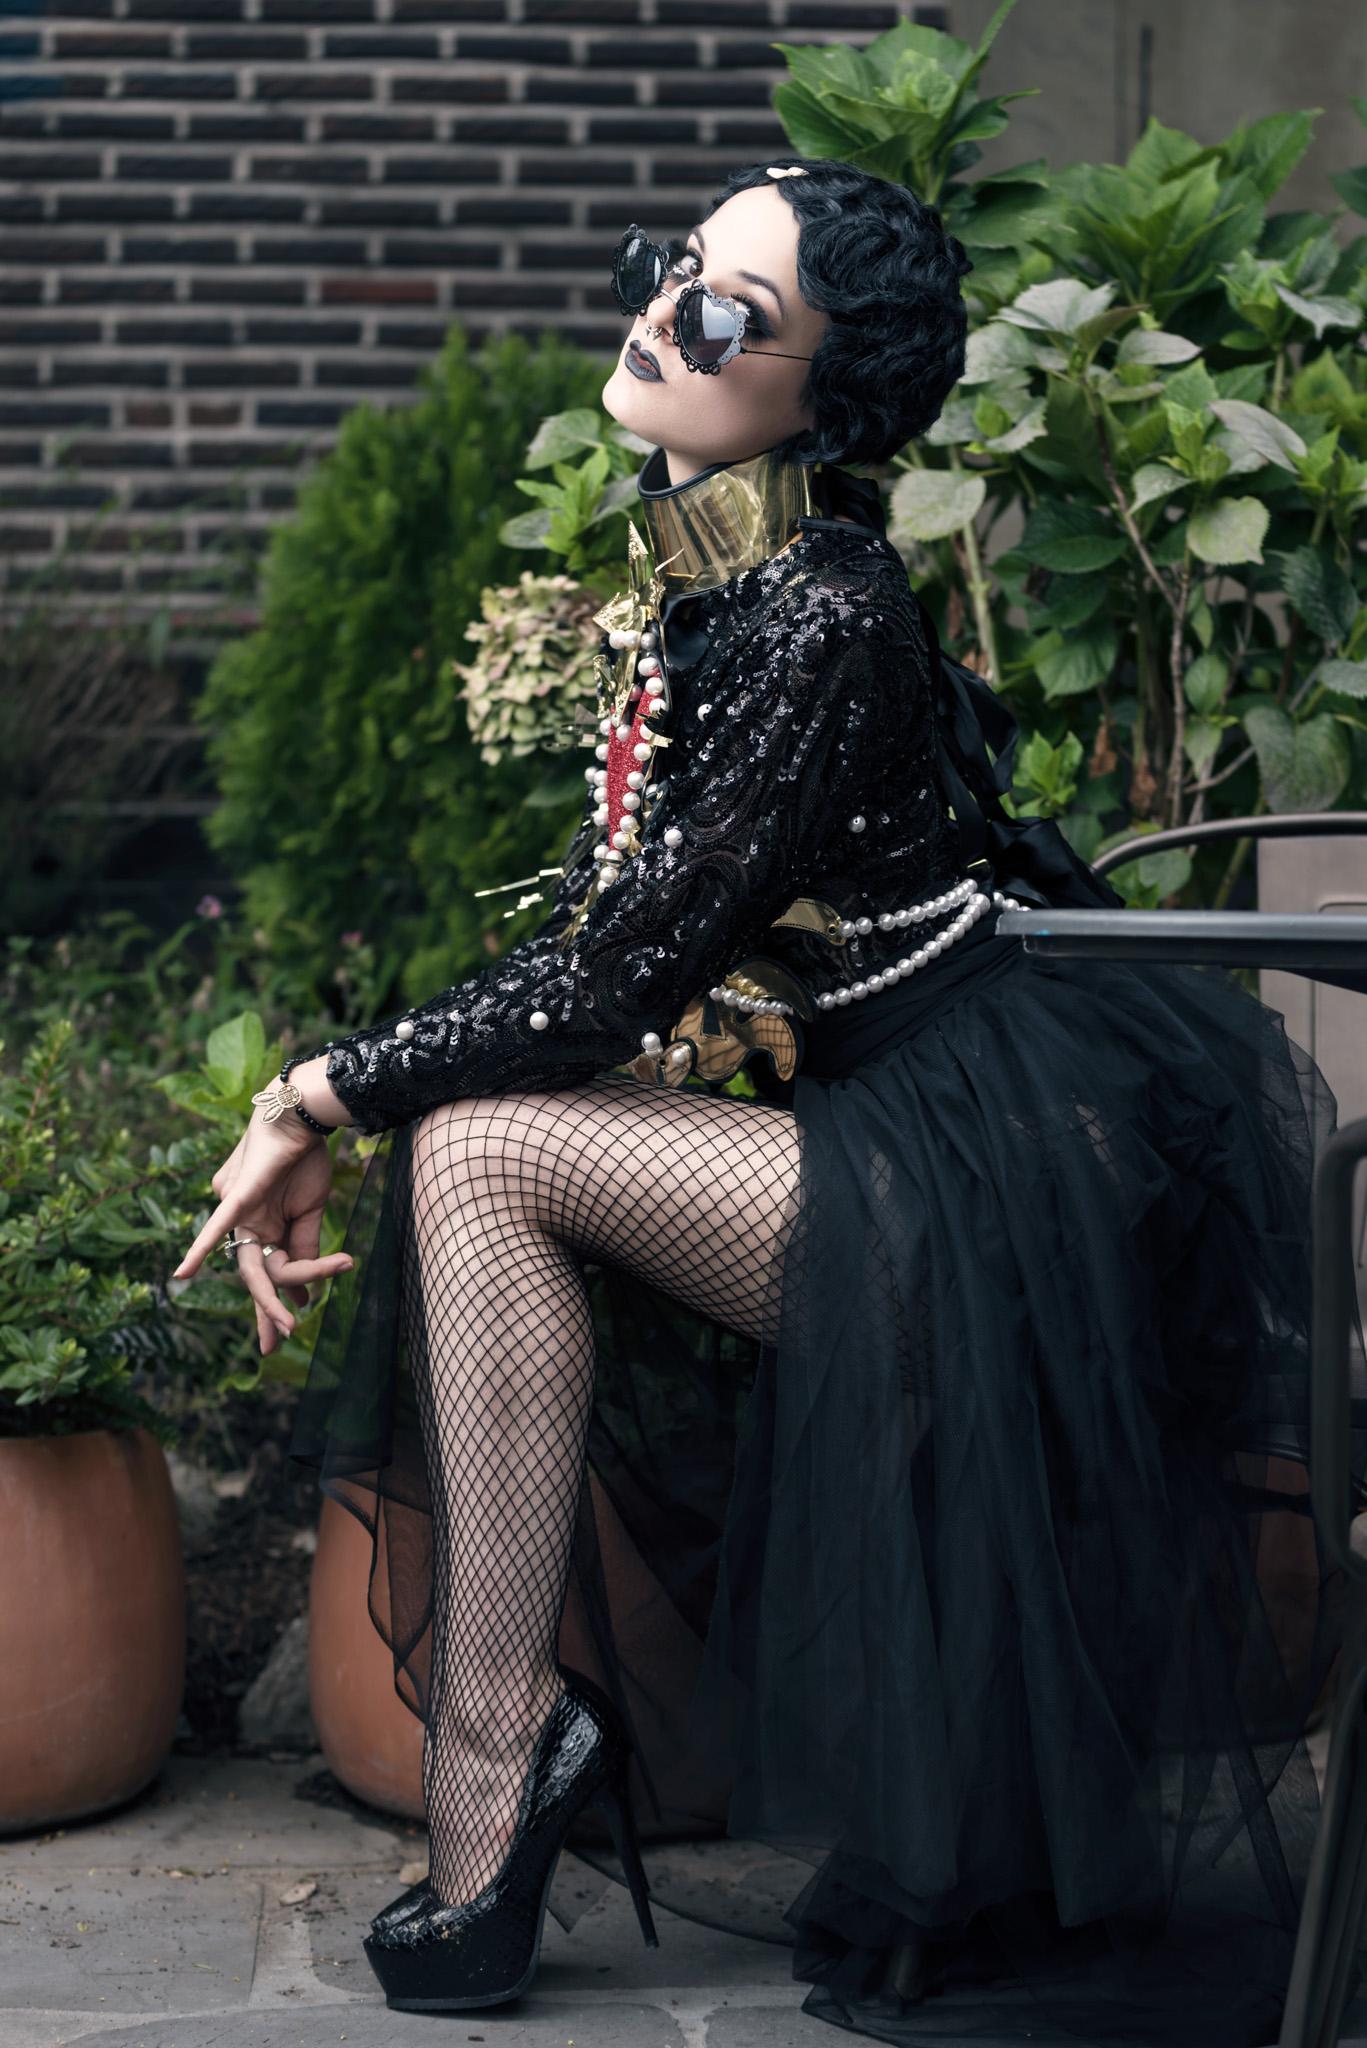 greenville-commercial-fashion-photographer-jorge-gonzalez-alexandra-le-cann-3